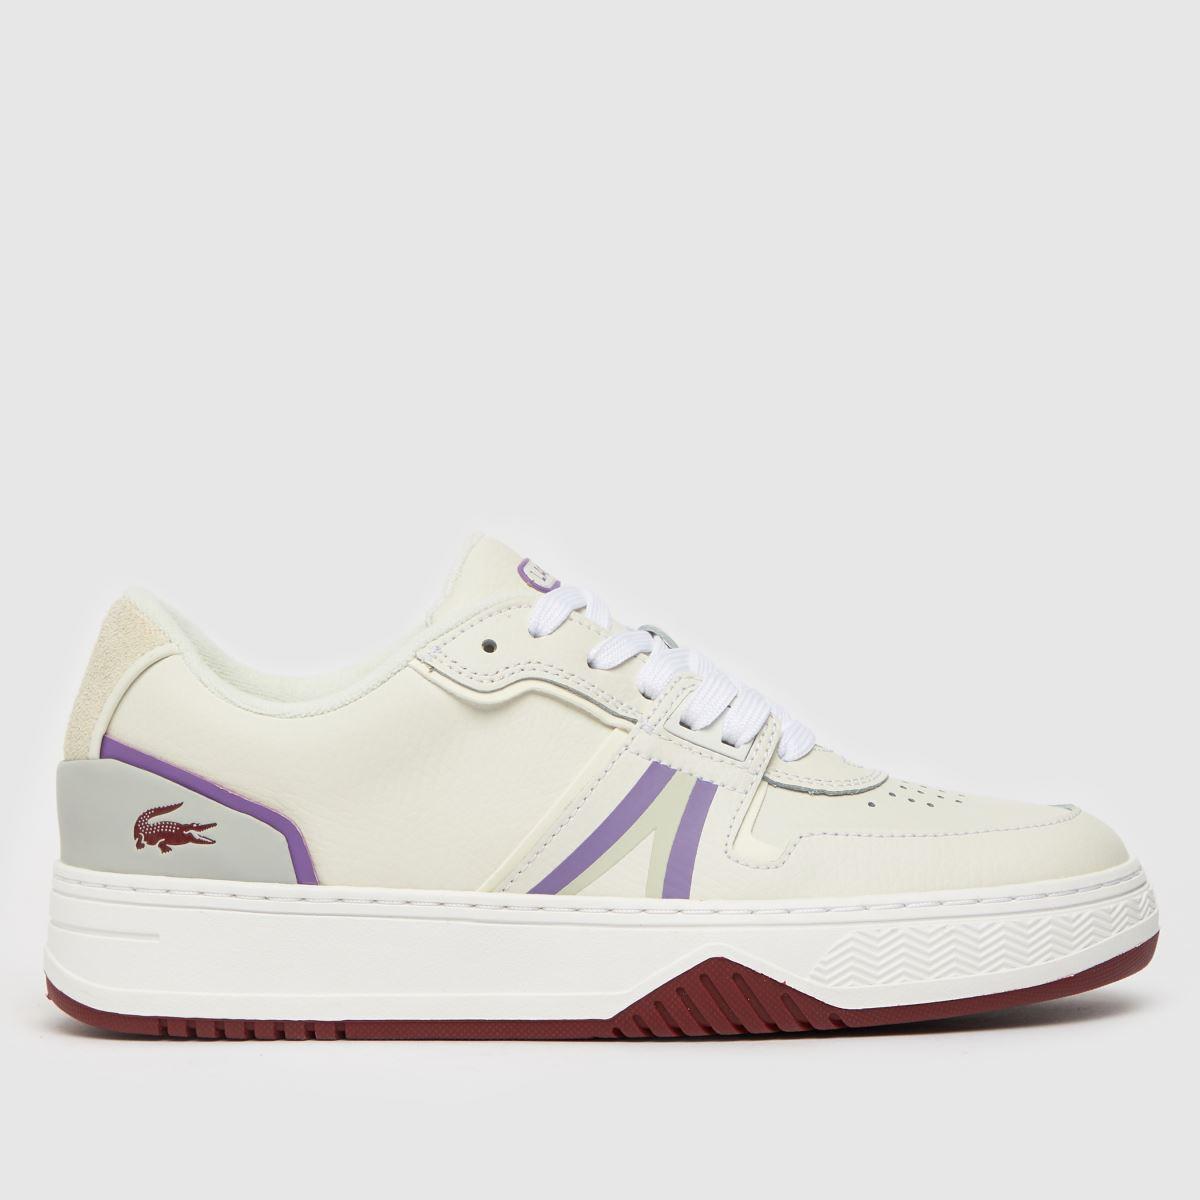 Lacoste White & Purple L001 Trainers